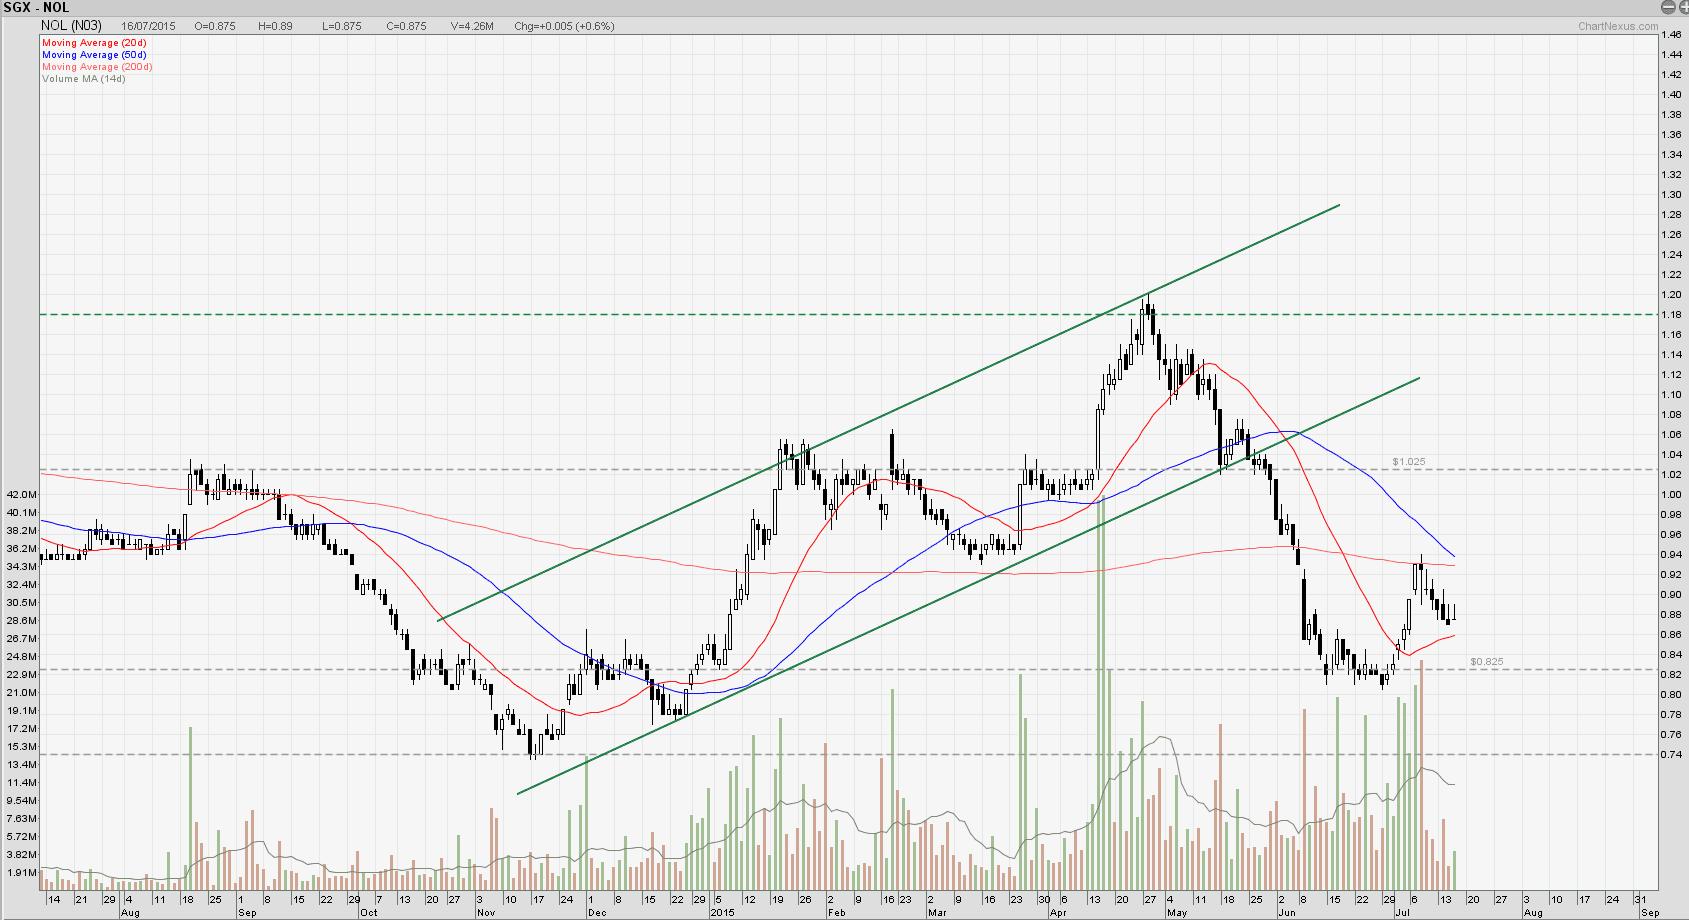 2015July16-NOL